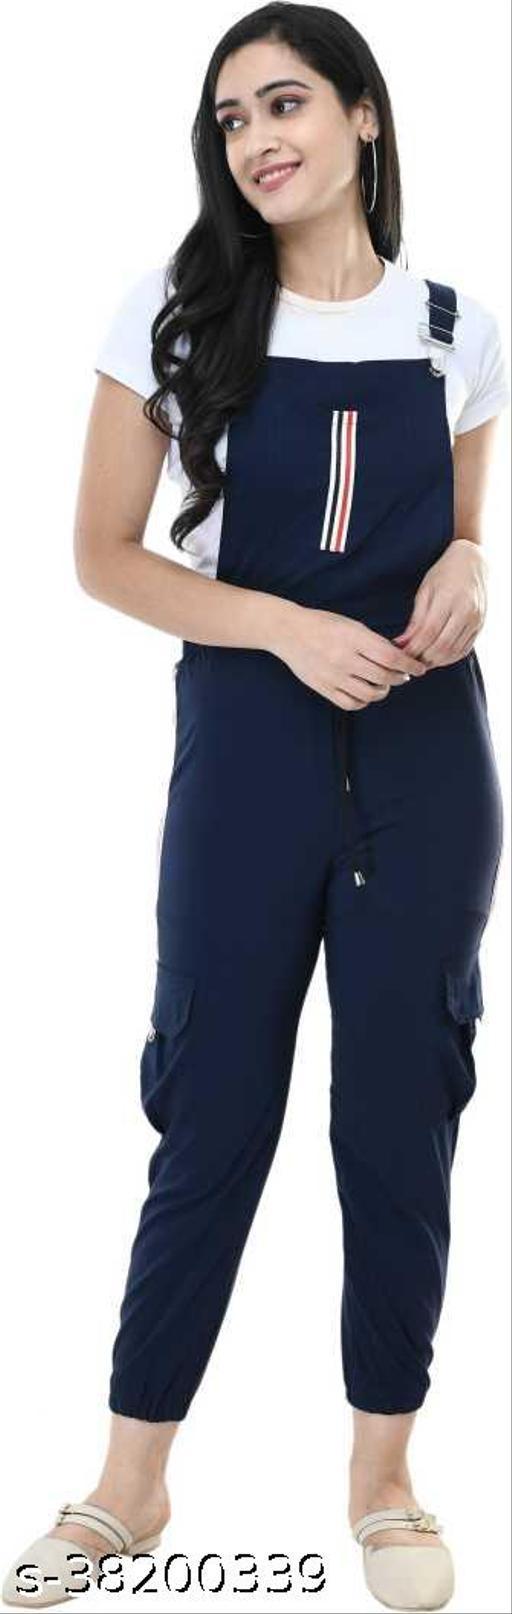 Stylish Latest Women Jumpsuits